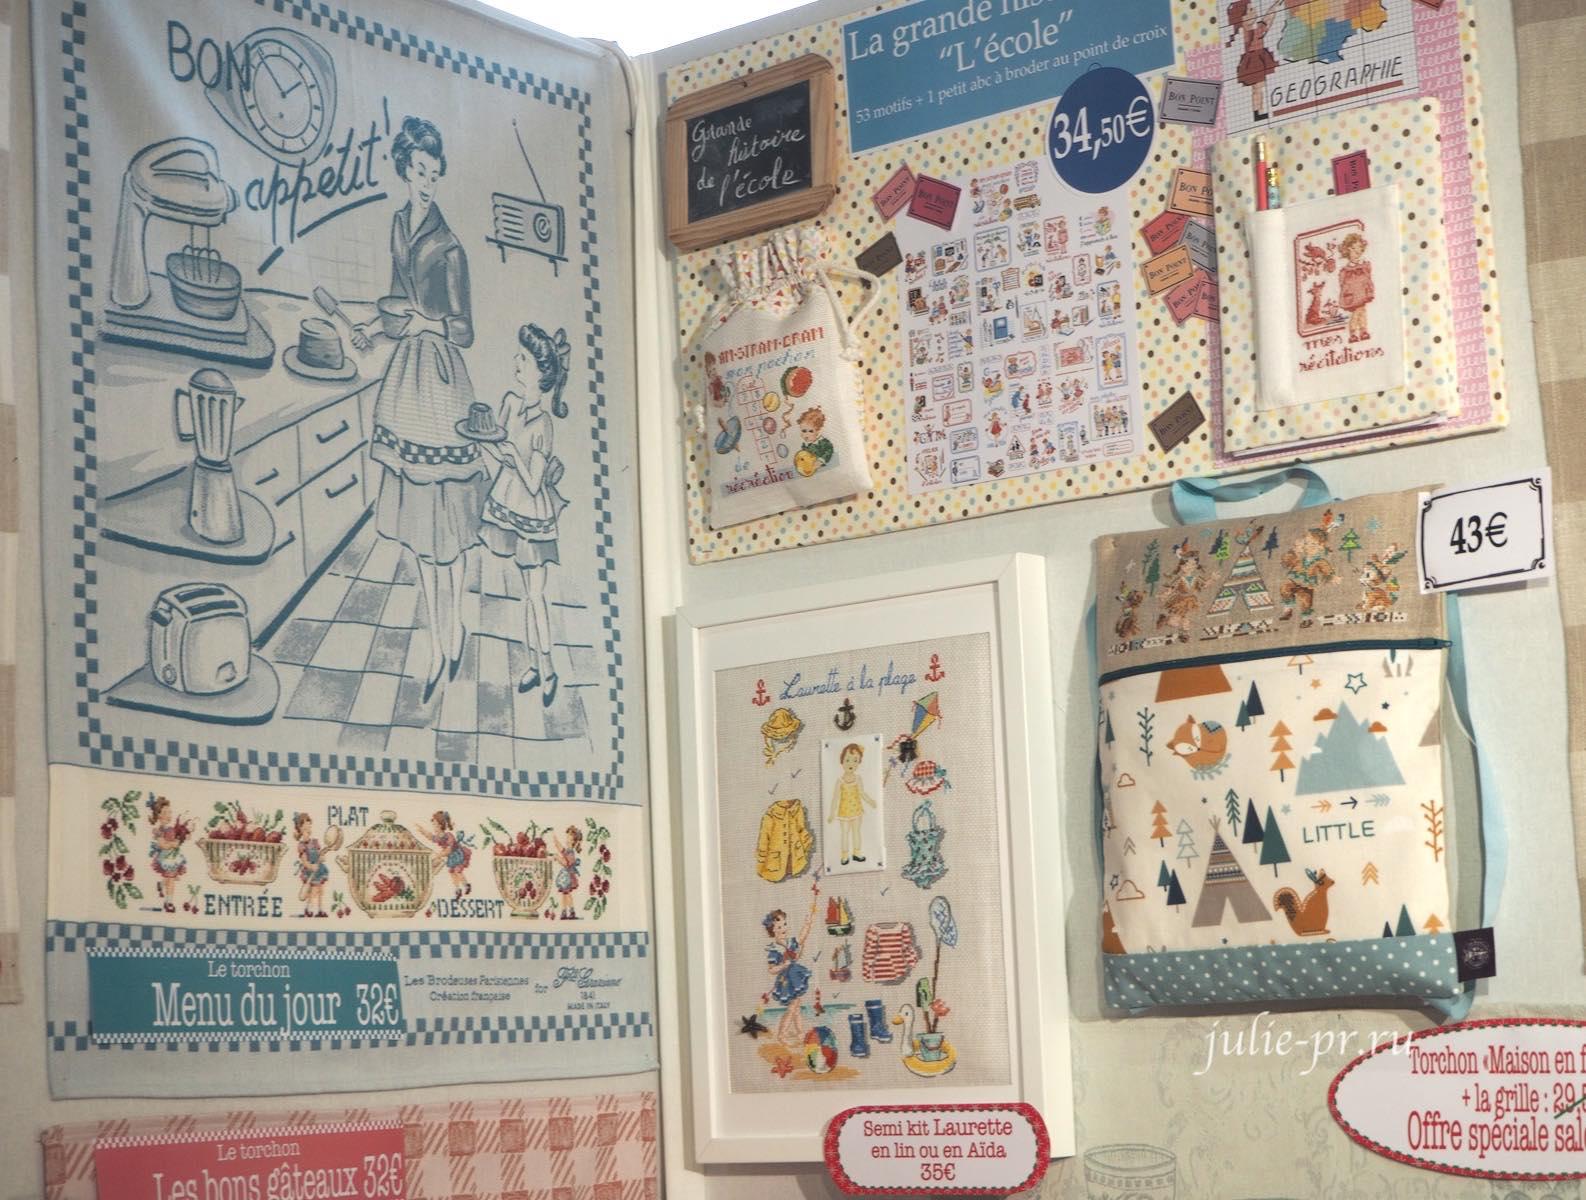 Большая школьная история, вышивка крестом, Les brodeuses parisiennes, Veronique Enginger, Парижские вышивальщицы